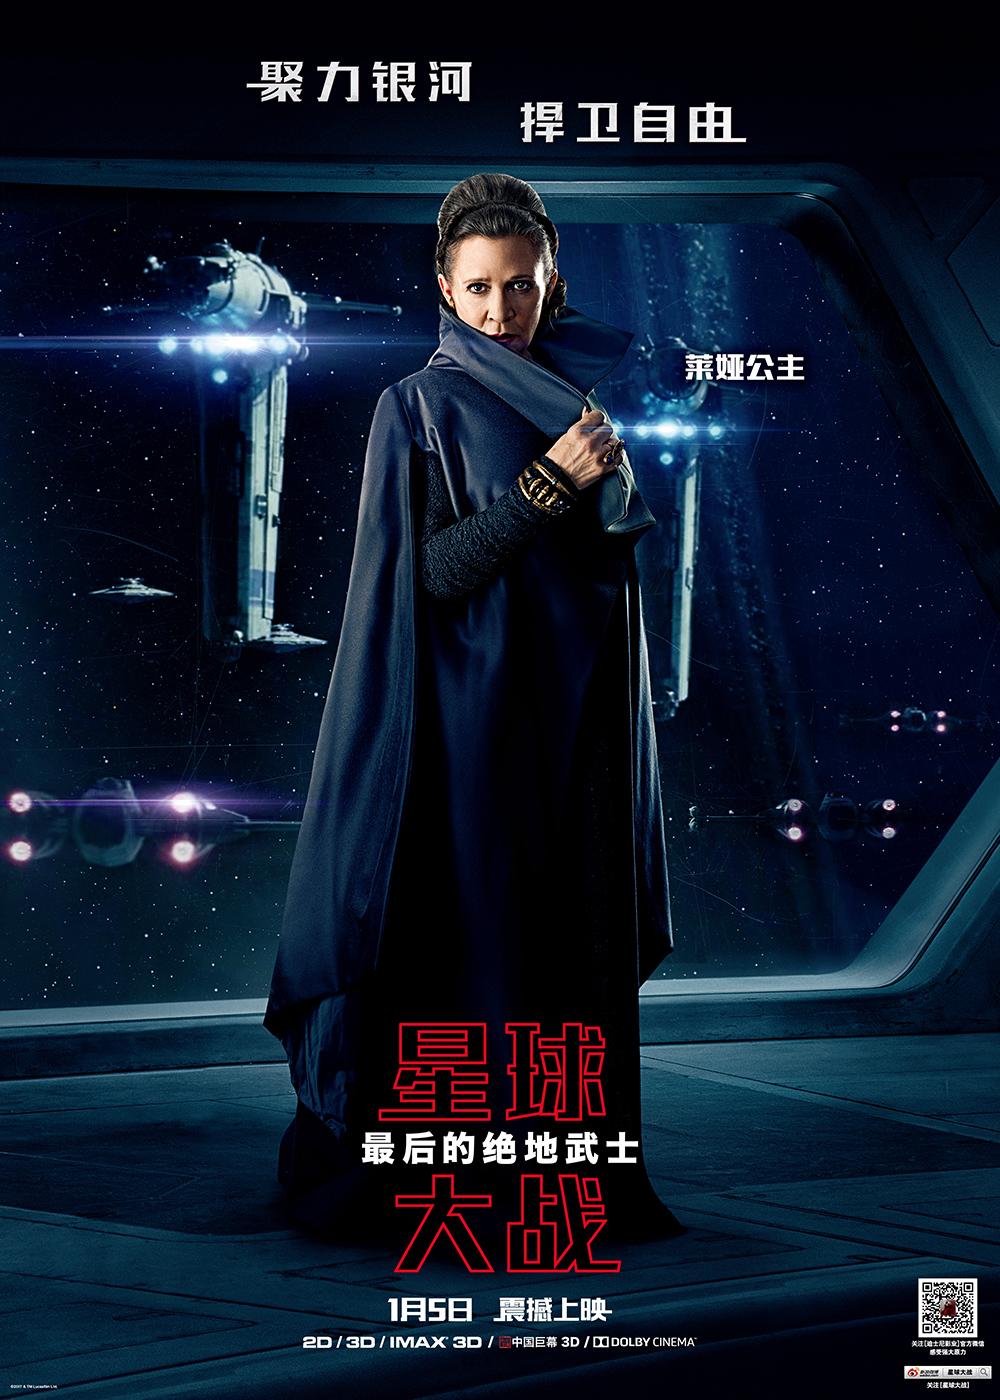 电影《星球大战8》正式版+角色版海报